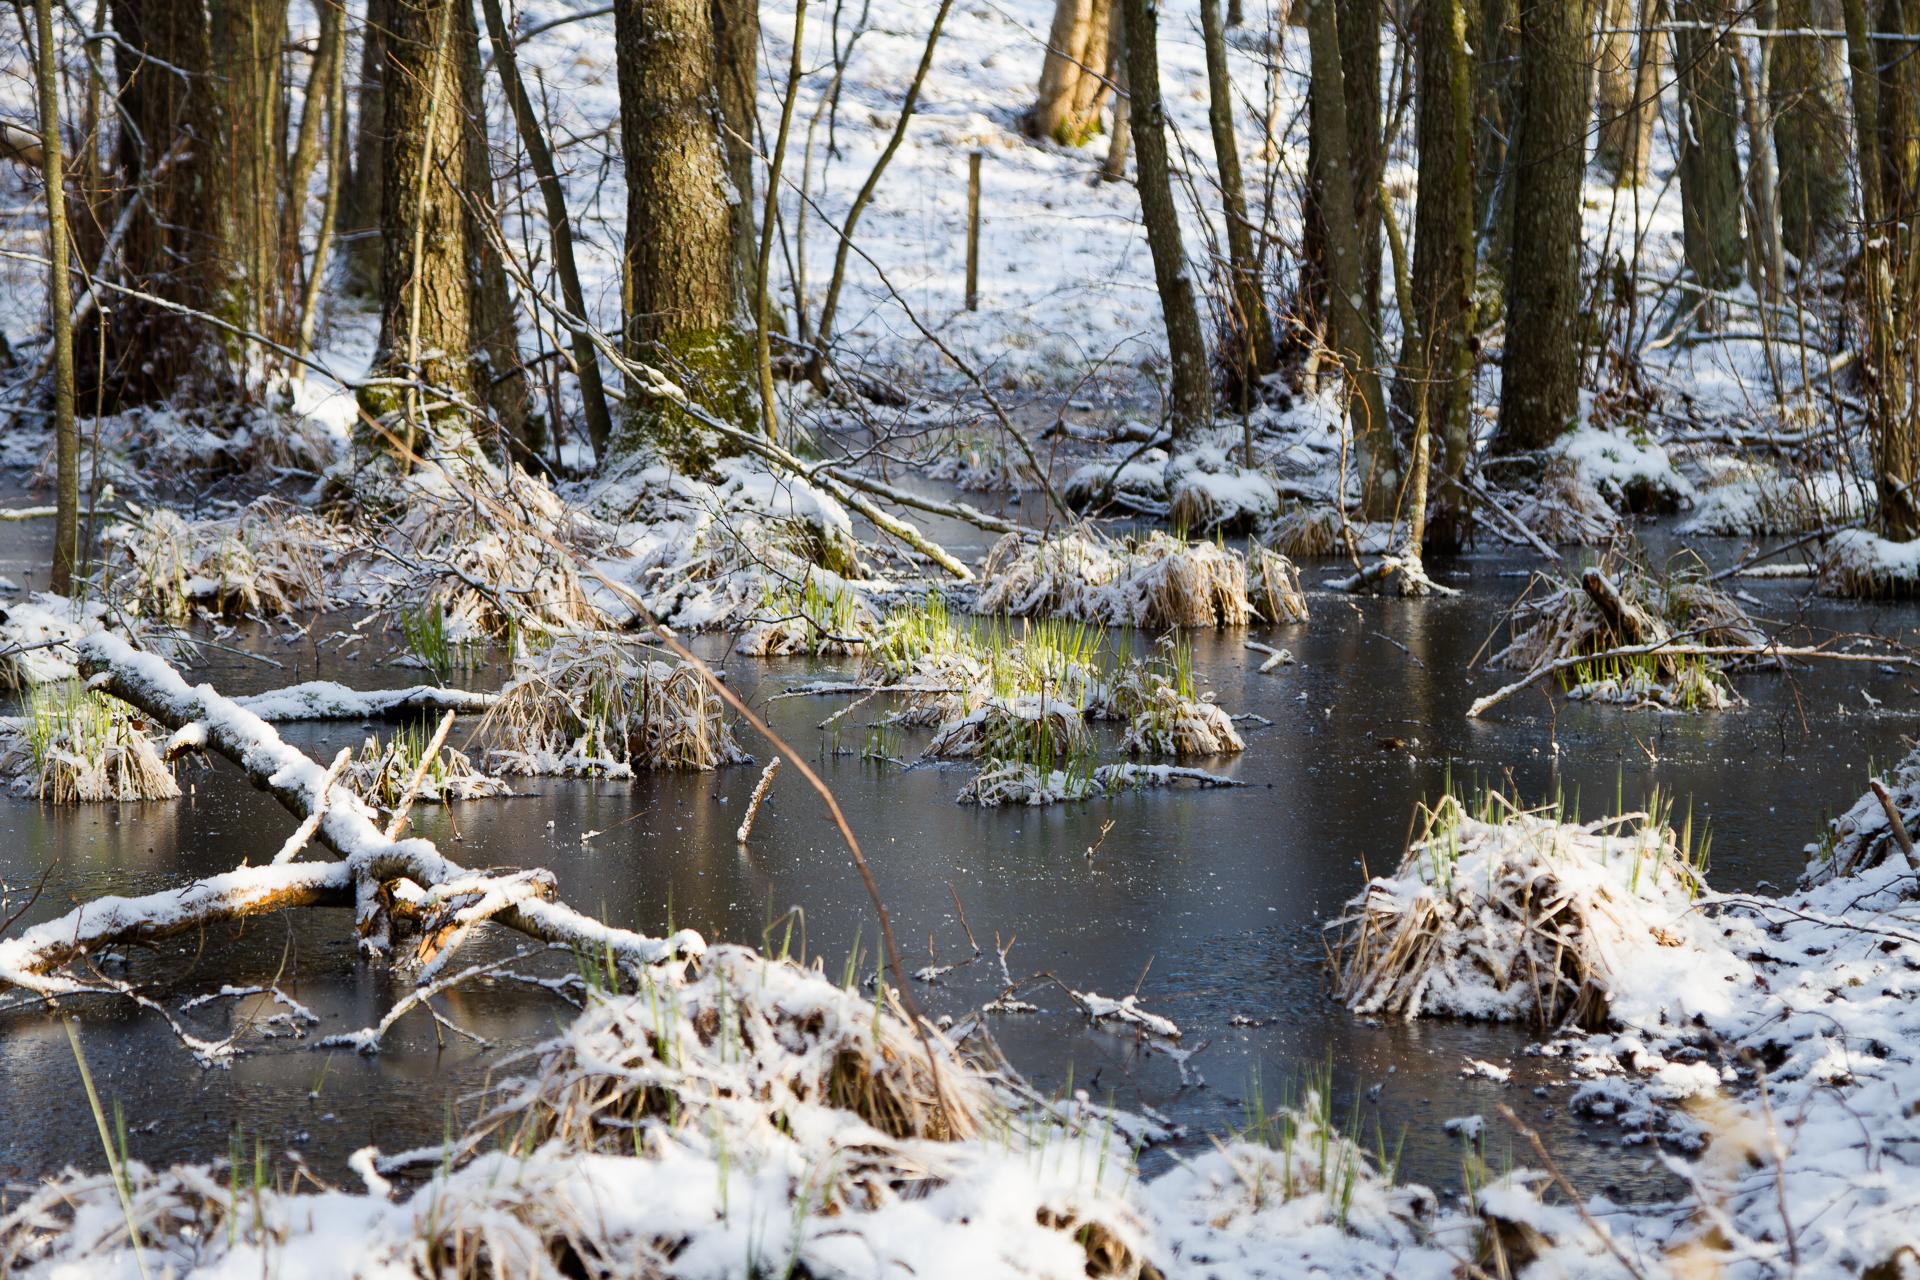 Bild på vårmark i skogen, med tunt snötäcken och tunn isskorpa på vattnet.